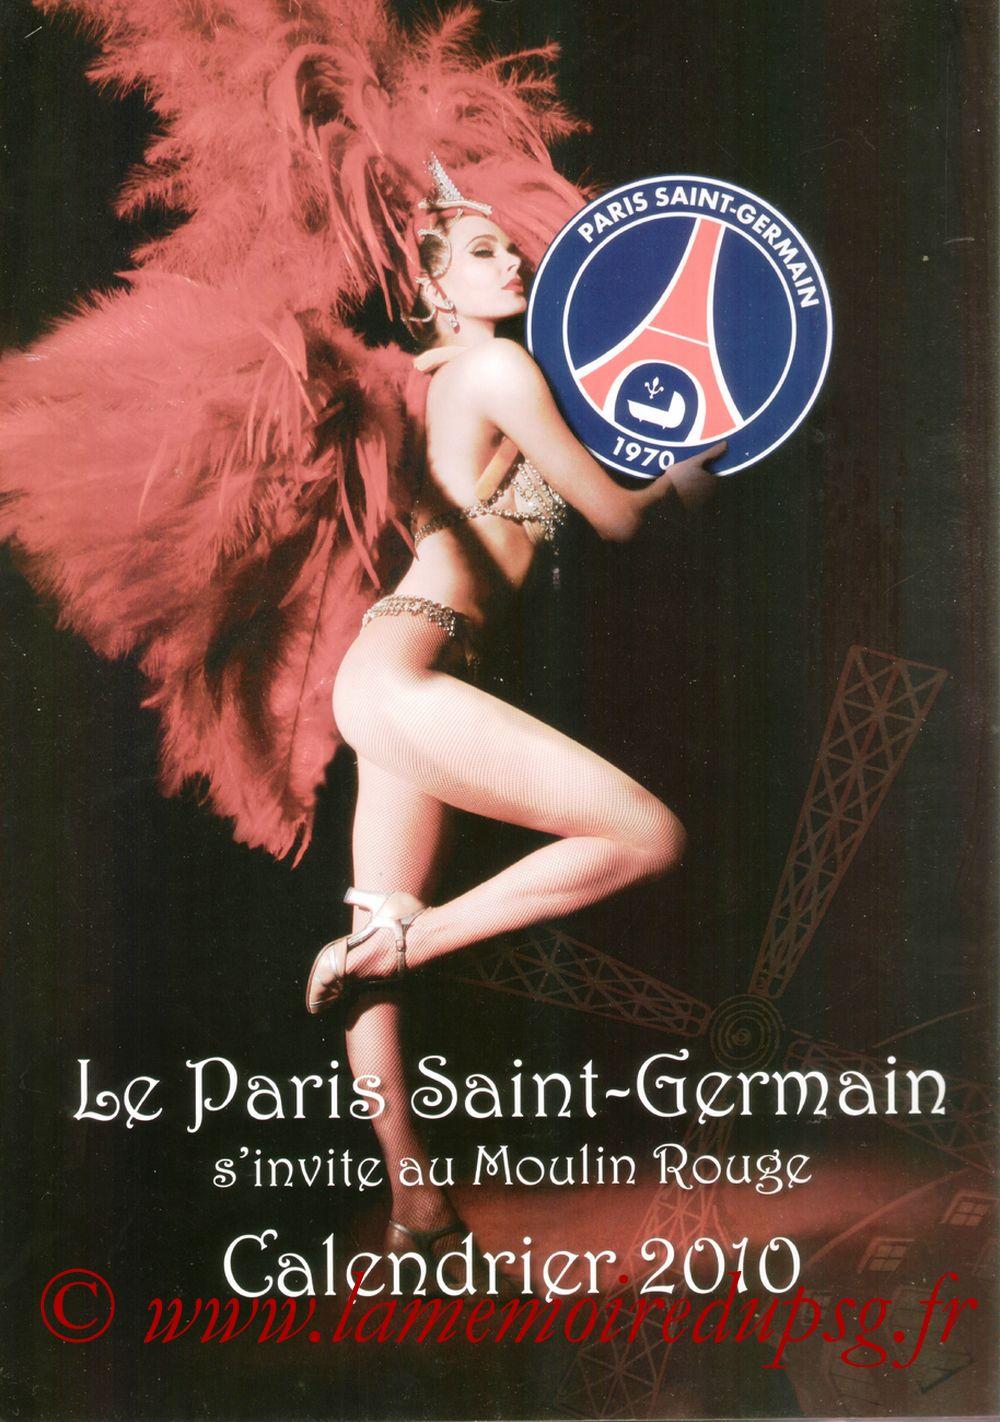 Calendrier PSG 2010 - Couverture